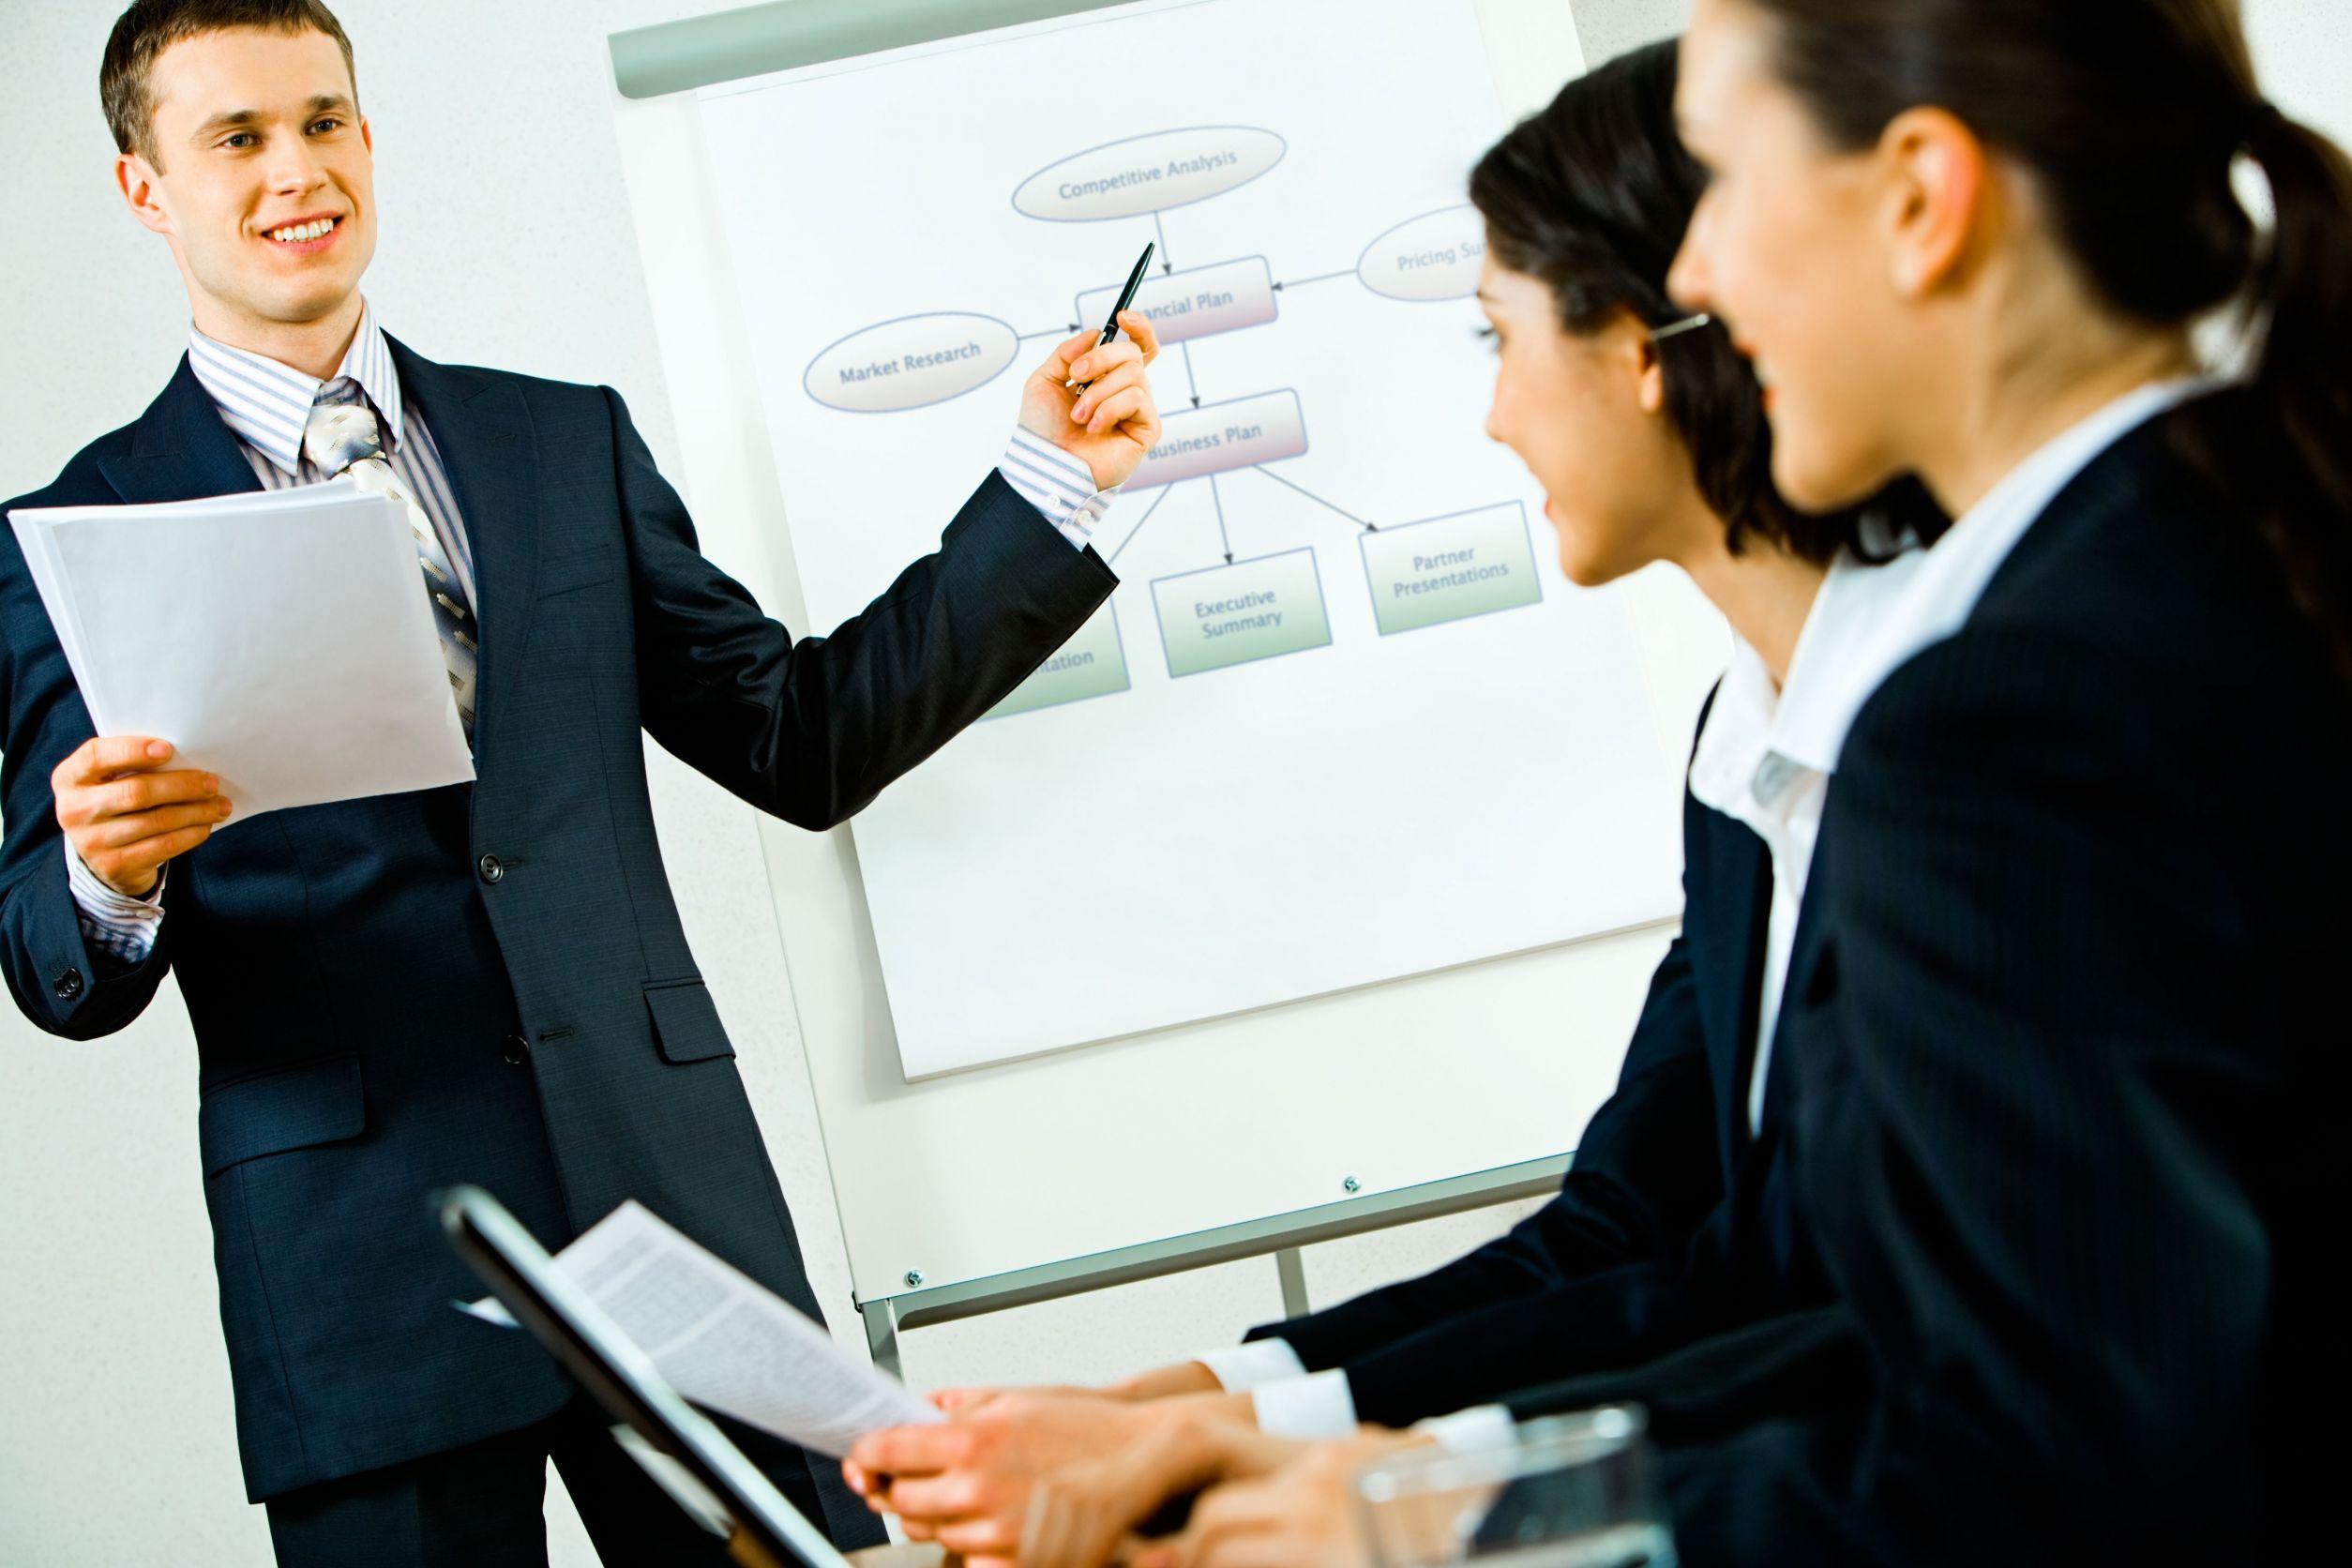 Як вибирати курси і тренінги для підвищення кваліфікації